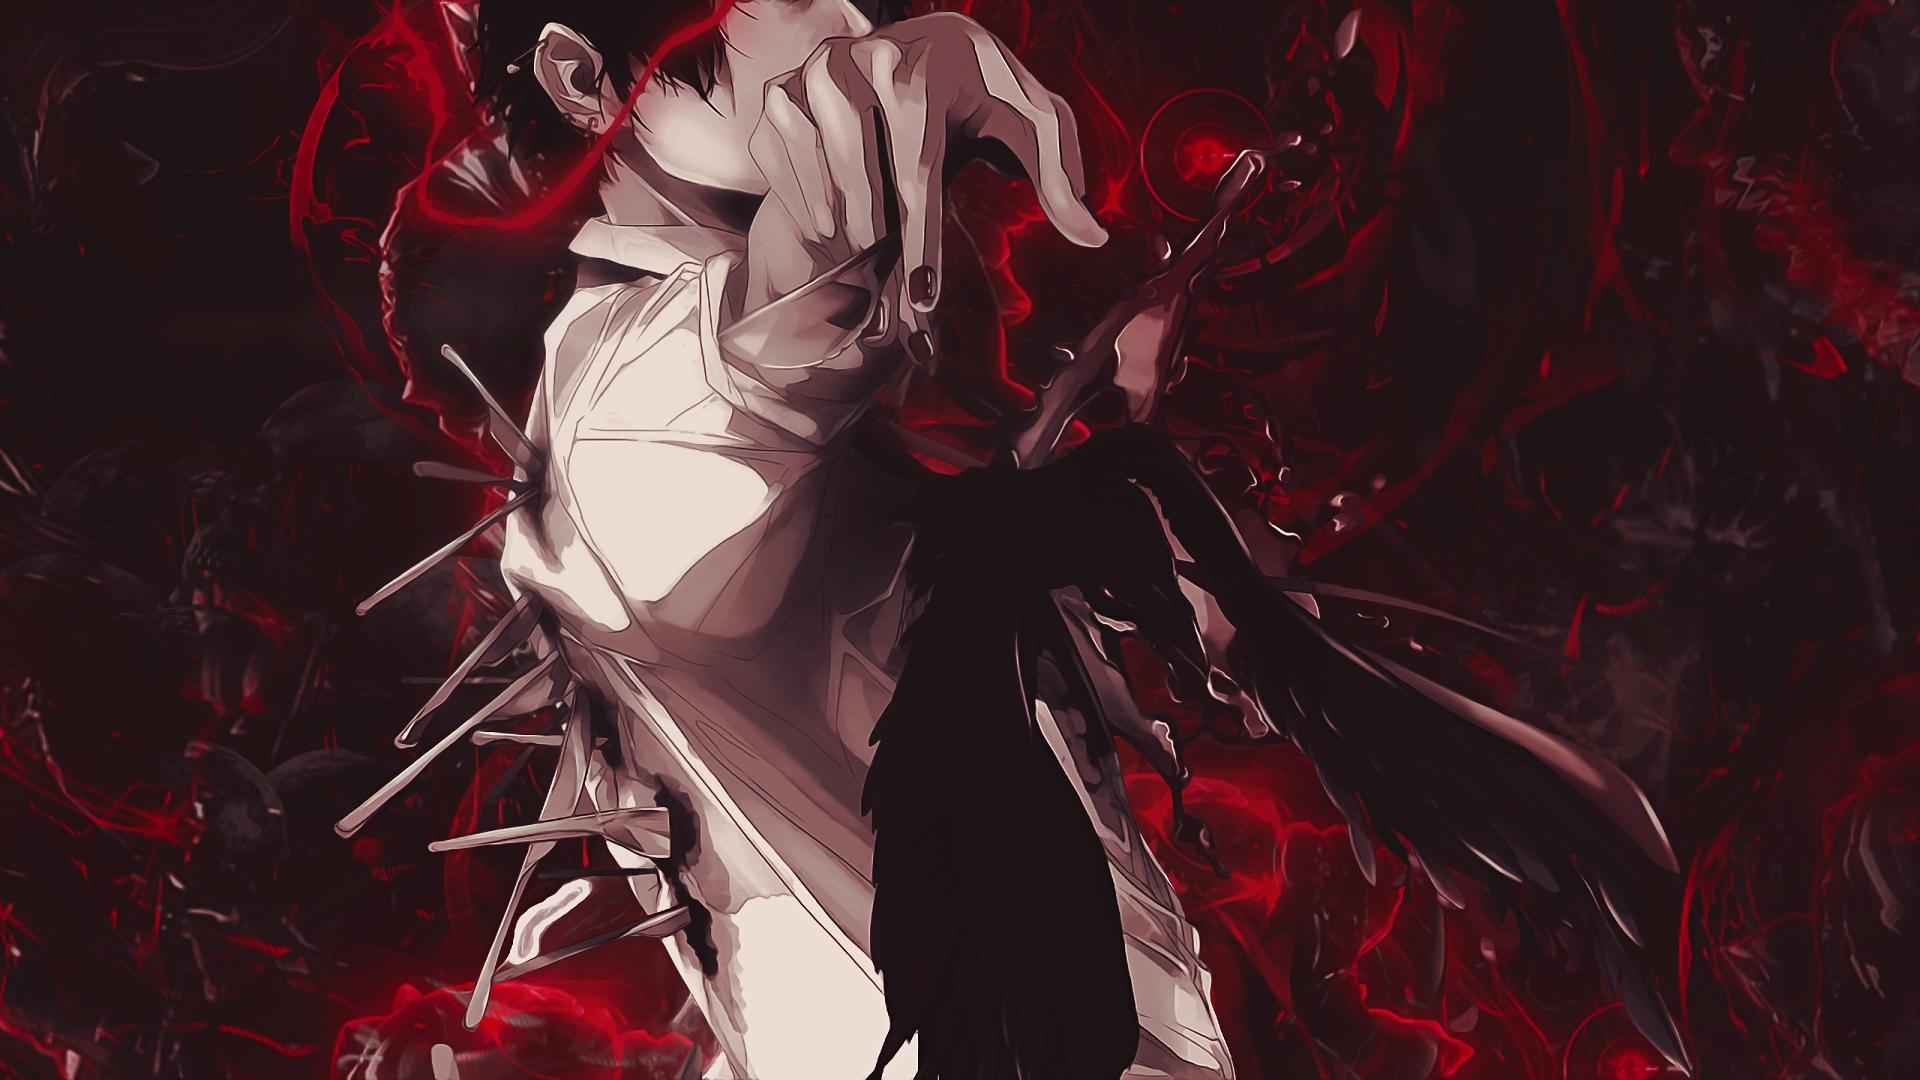 Zankyou No Terror anime boy wallpaper